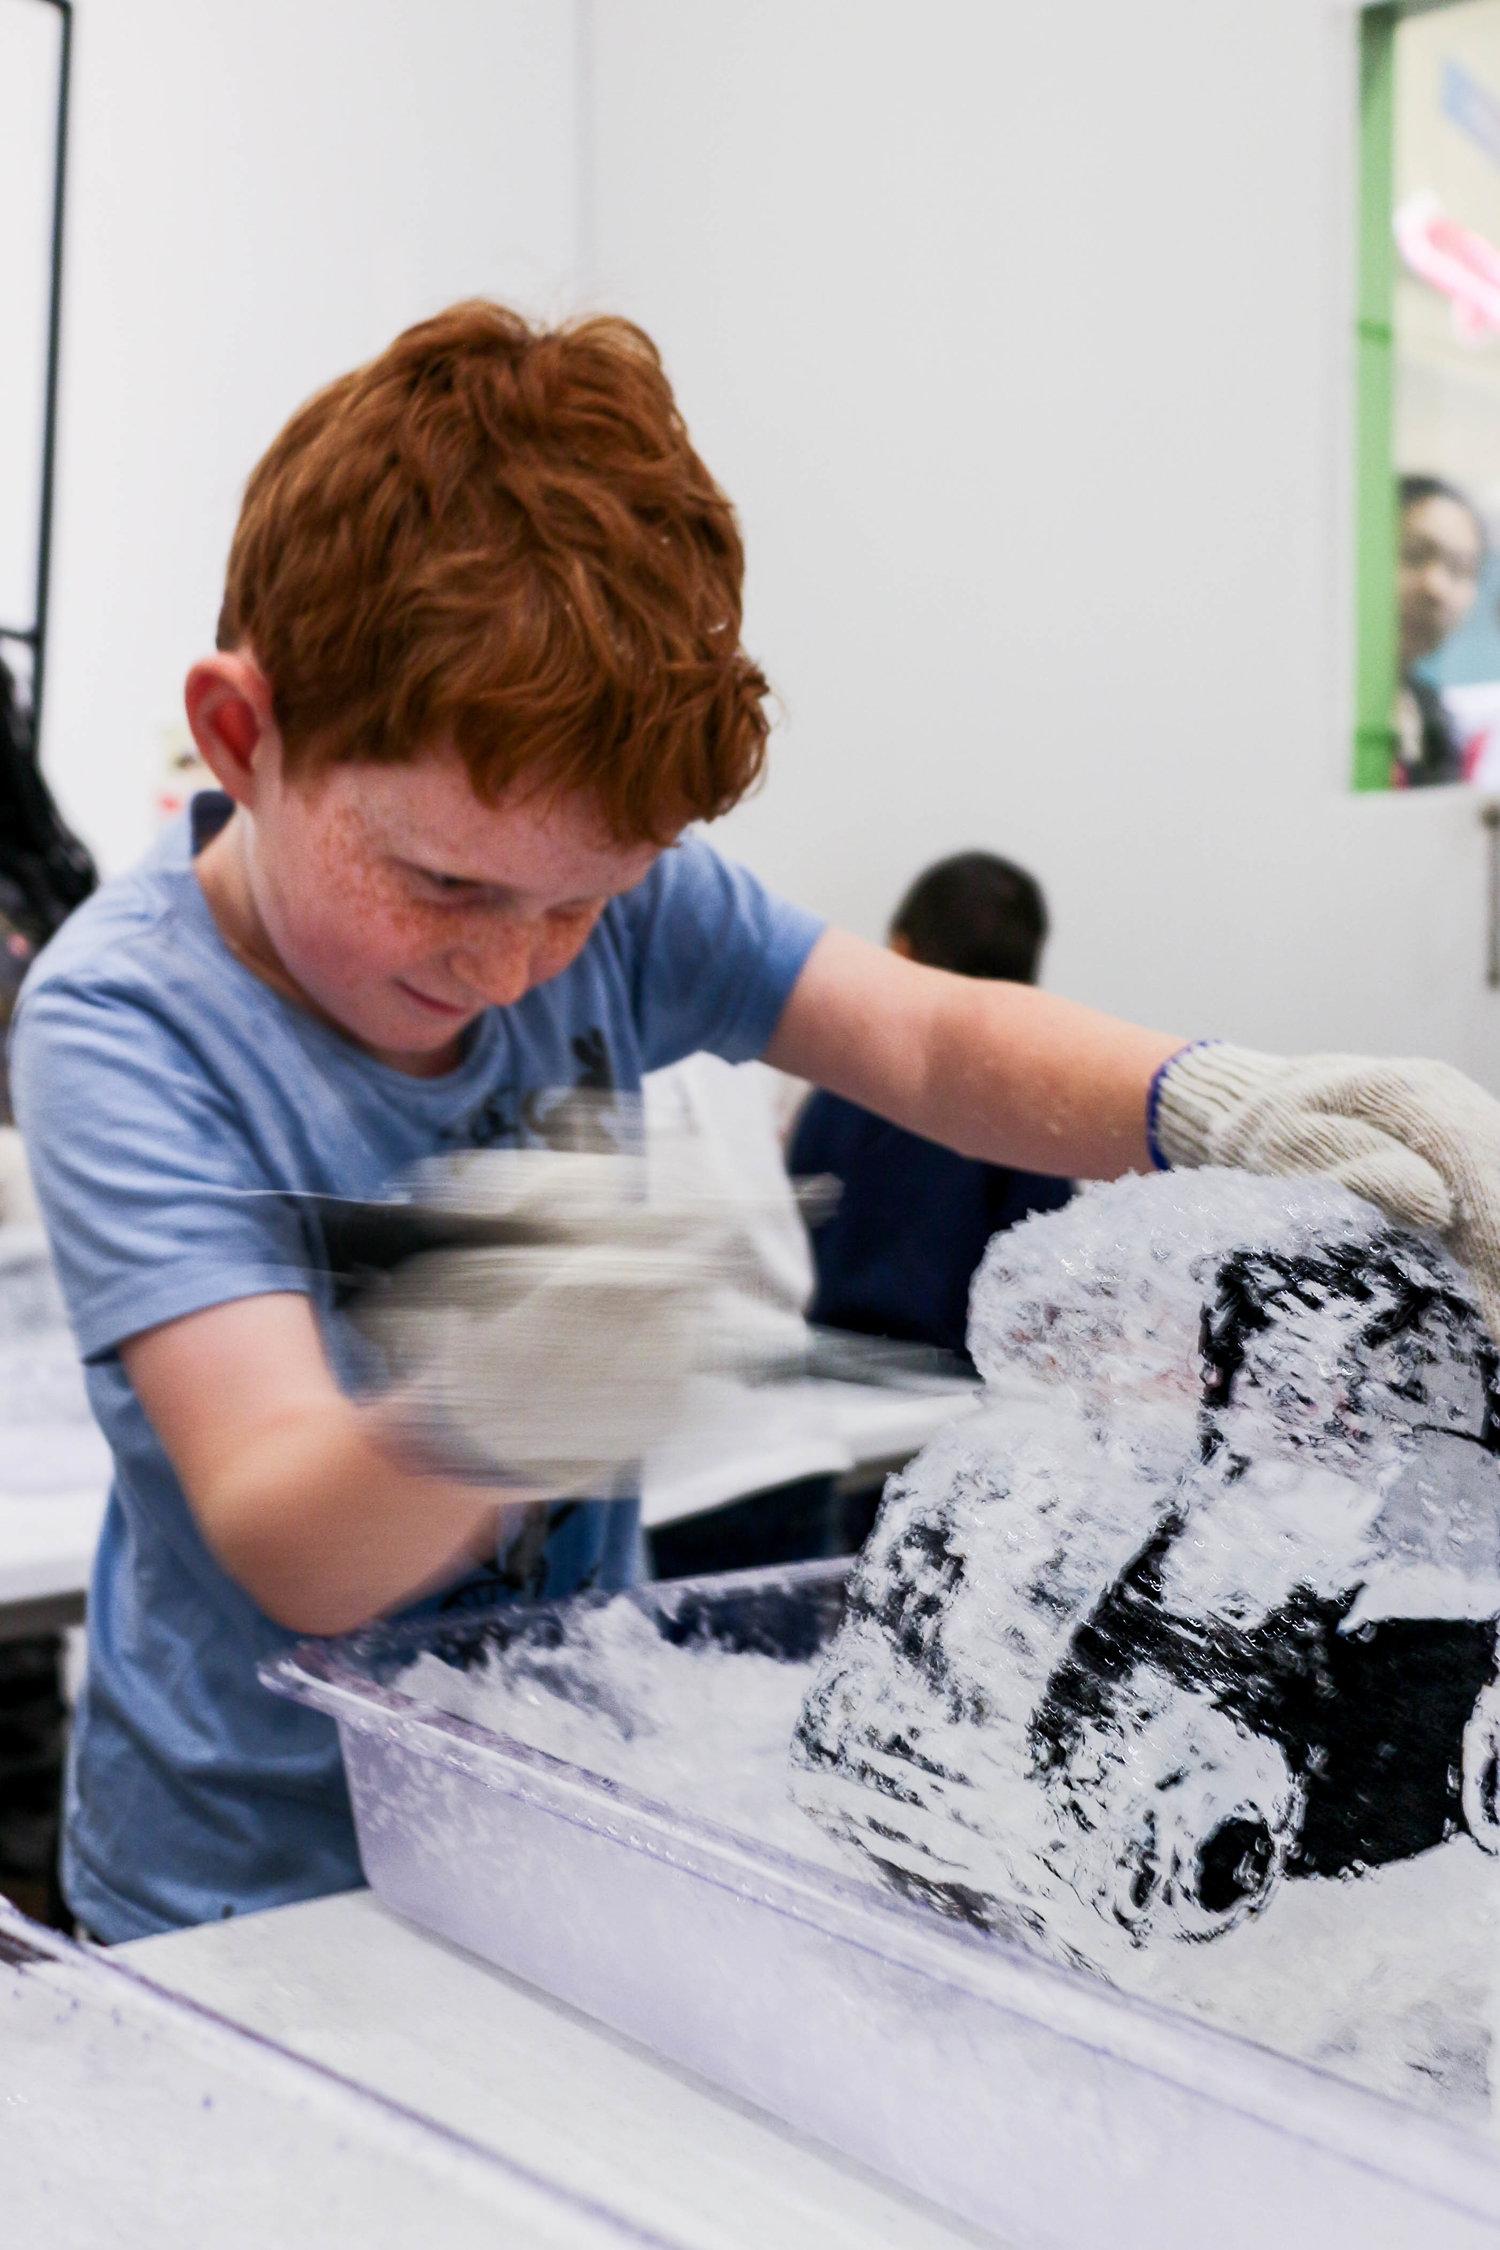 20180224_Action_Shot_Childrens_Museum_Workshop_Demonstration_17692.jpg